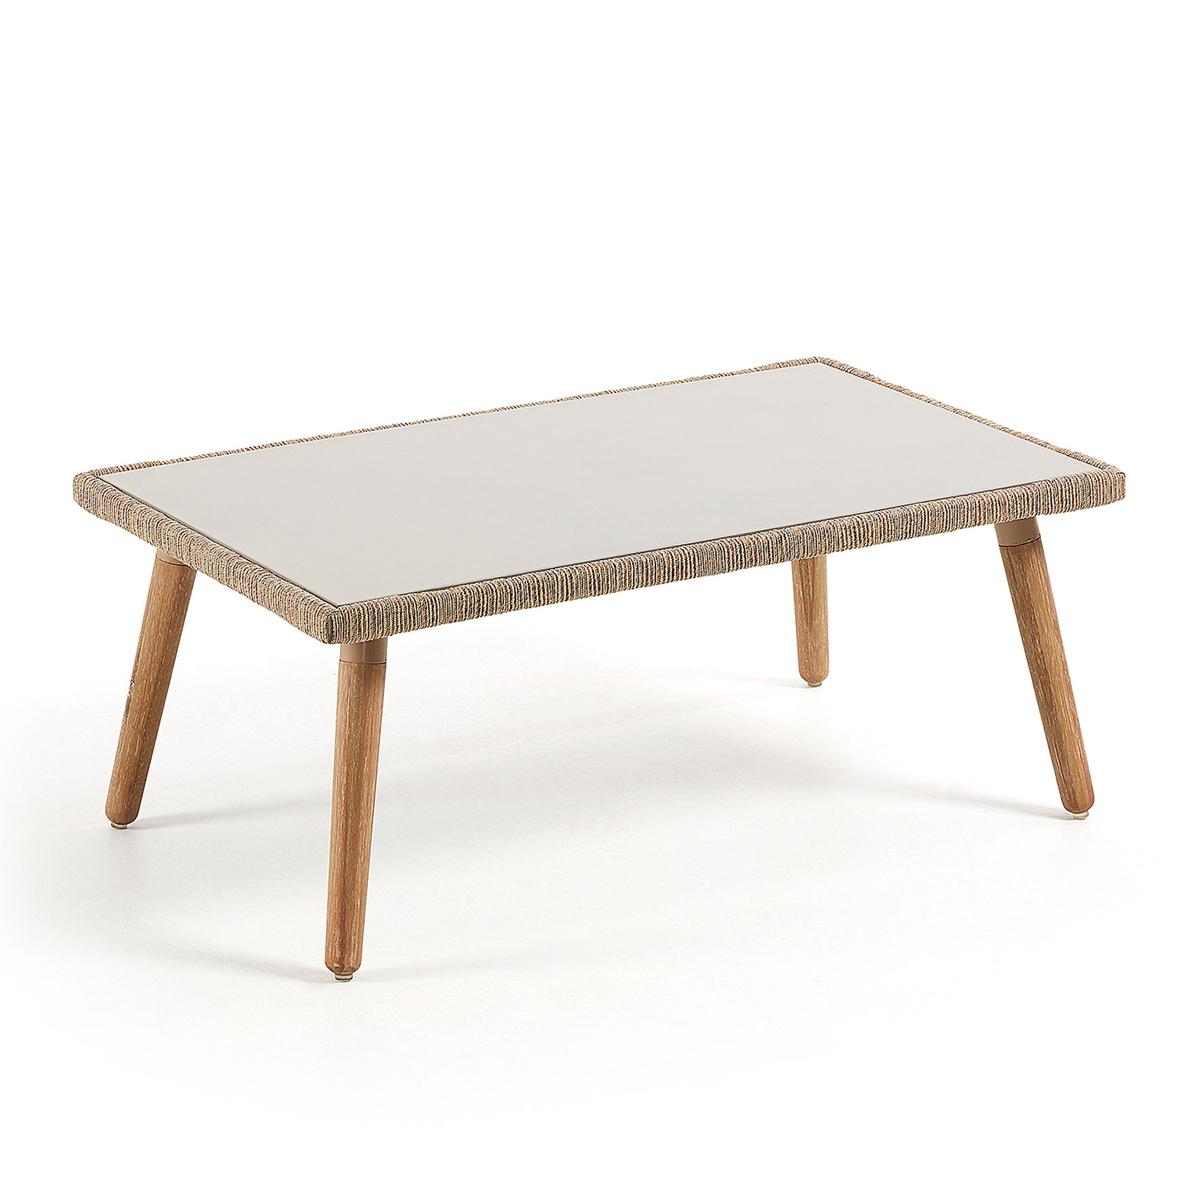 Table basse en bois et corde - Naturel - H 41 cm x 100 cm